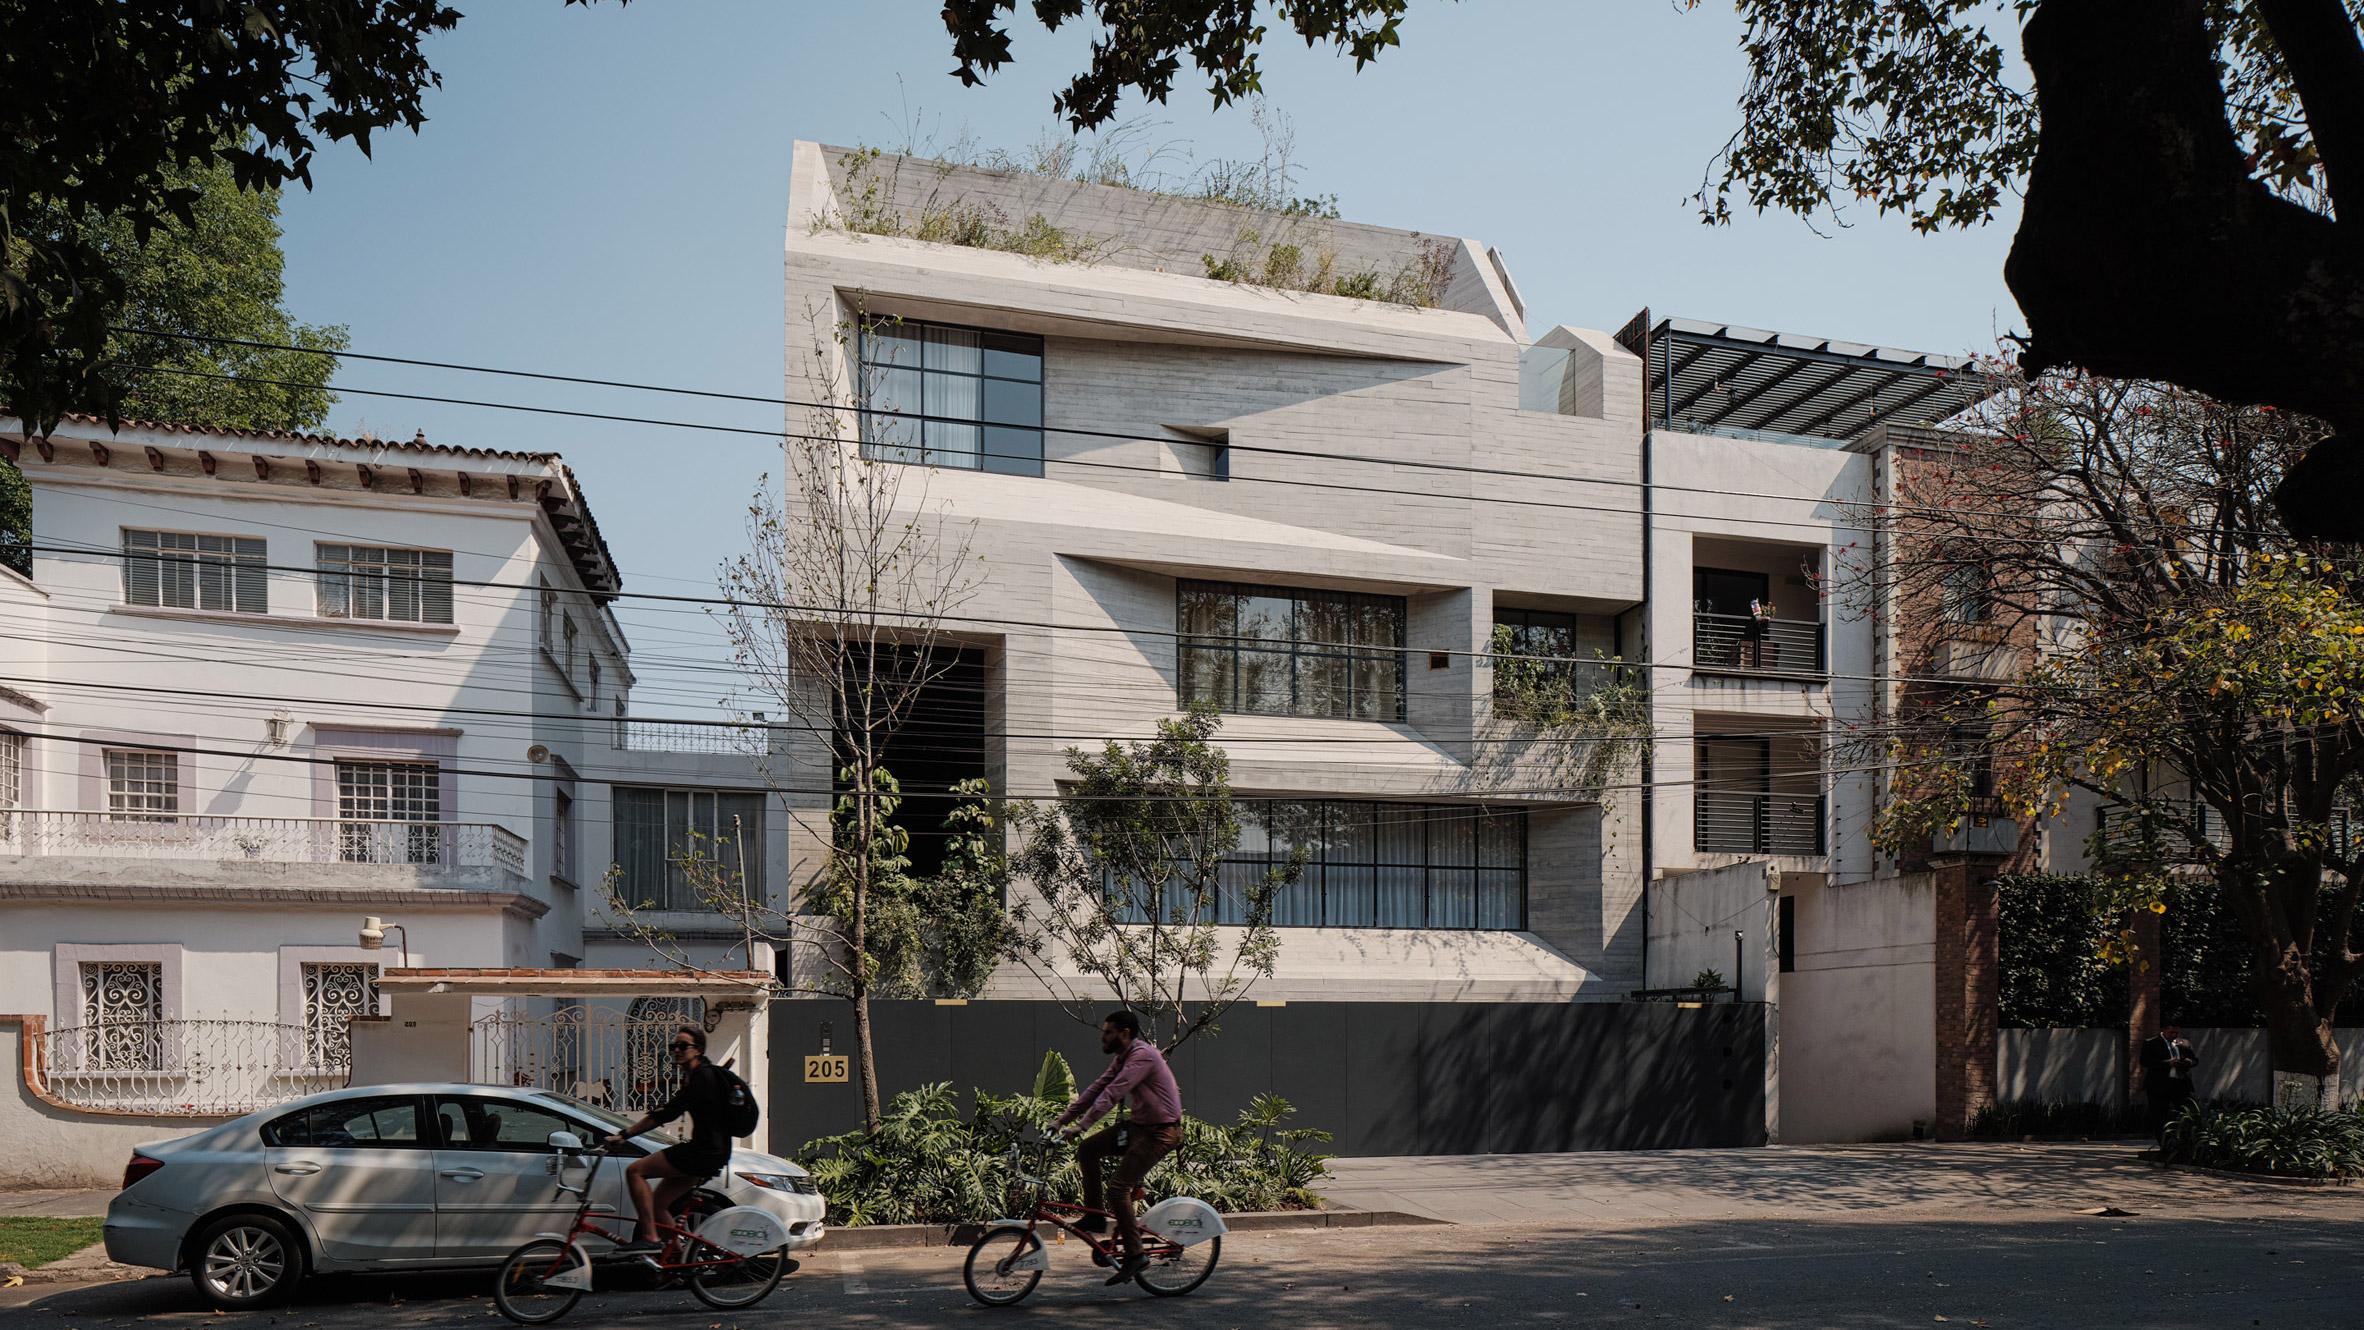 Exterior of concrete apartment complex with rectangular windows.